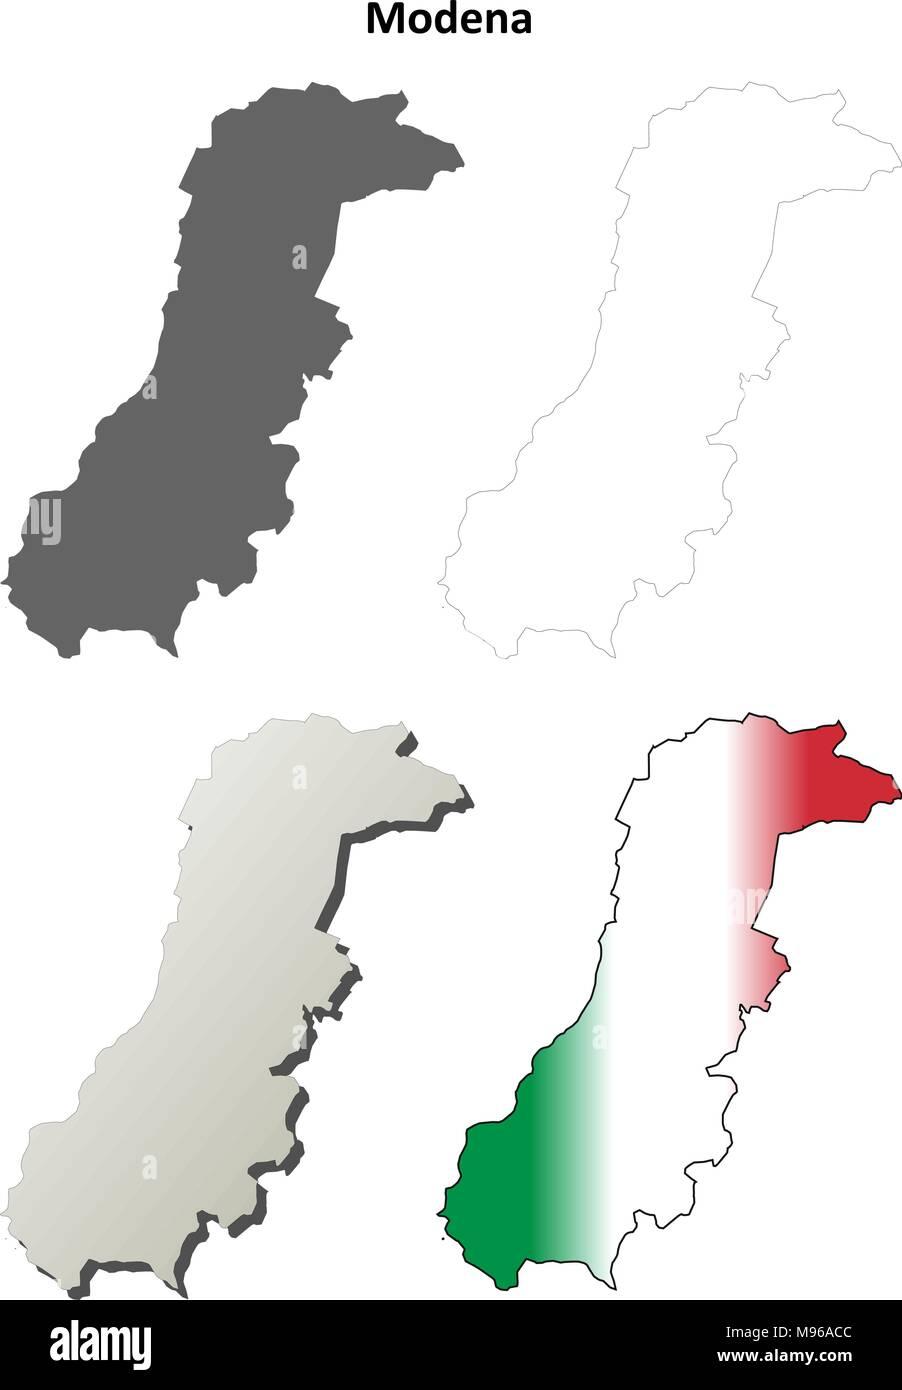 Modena Leer Detaillierte Gliederung Karte Gesetzt Vektor Abbildung